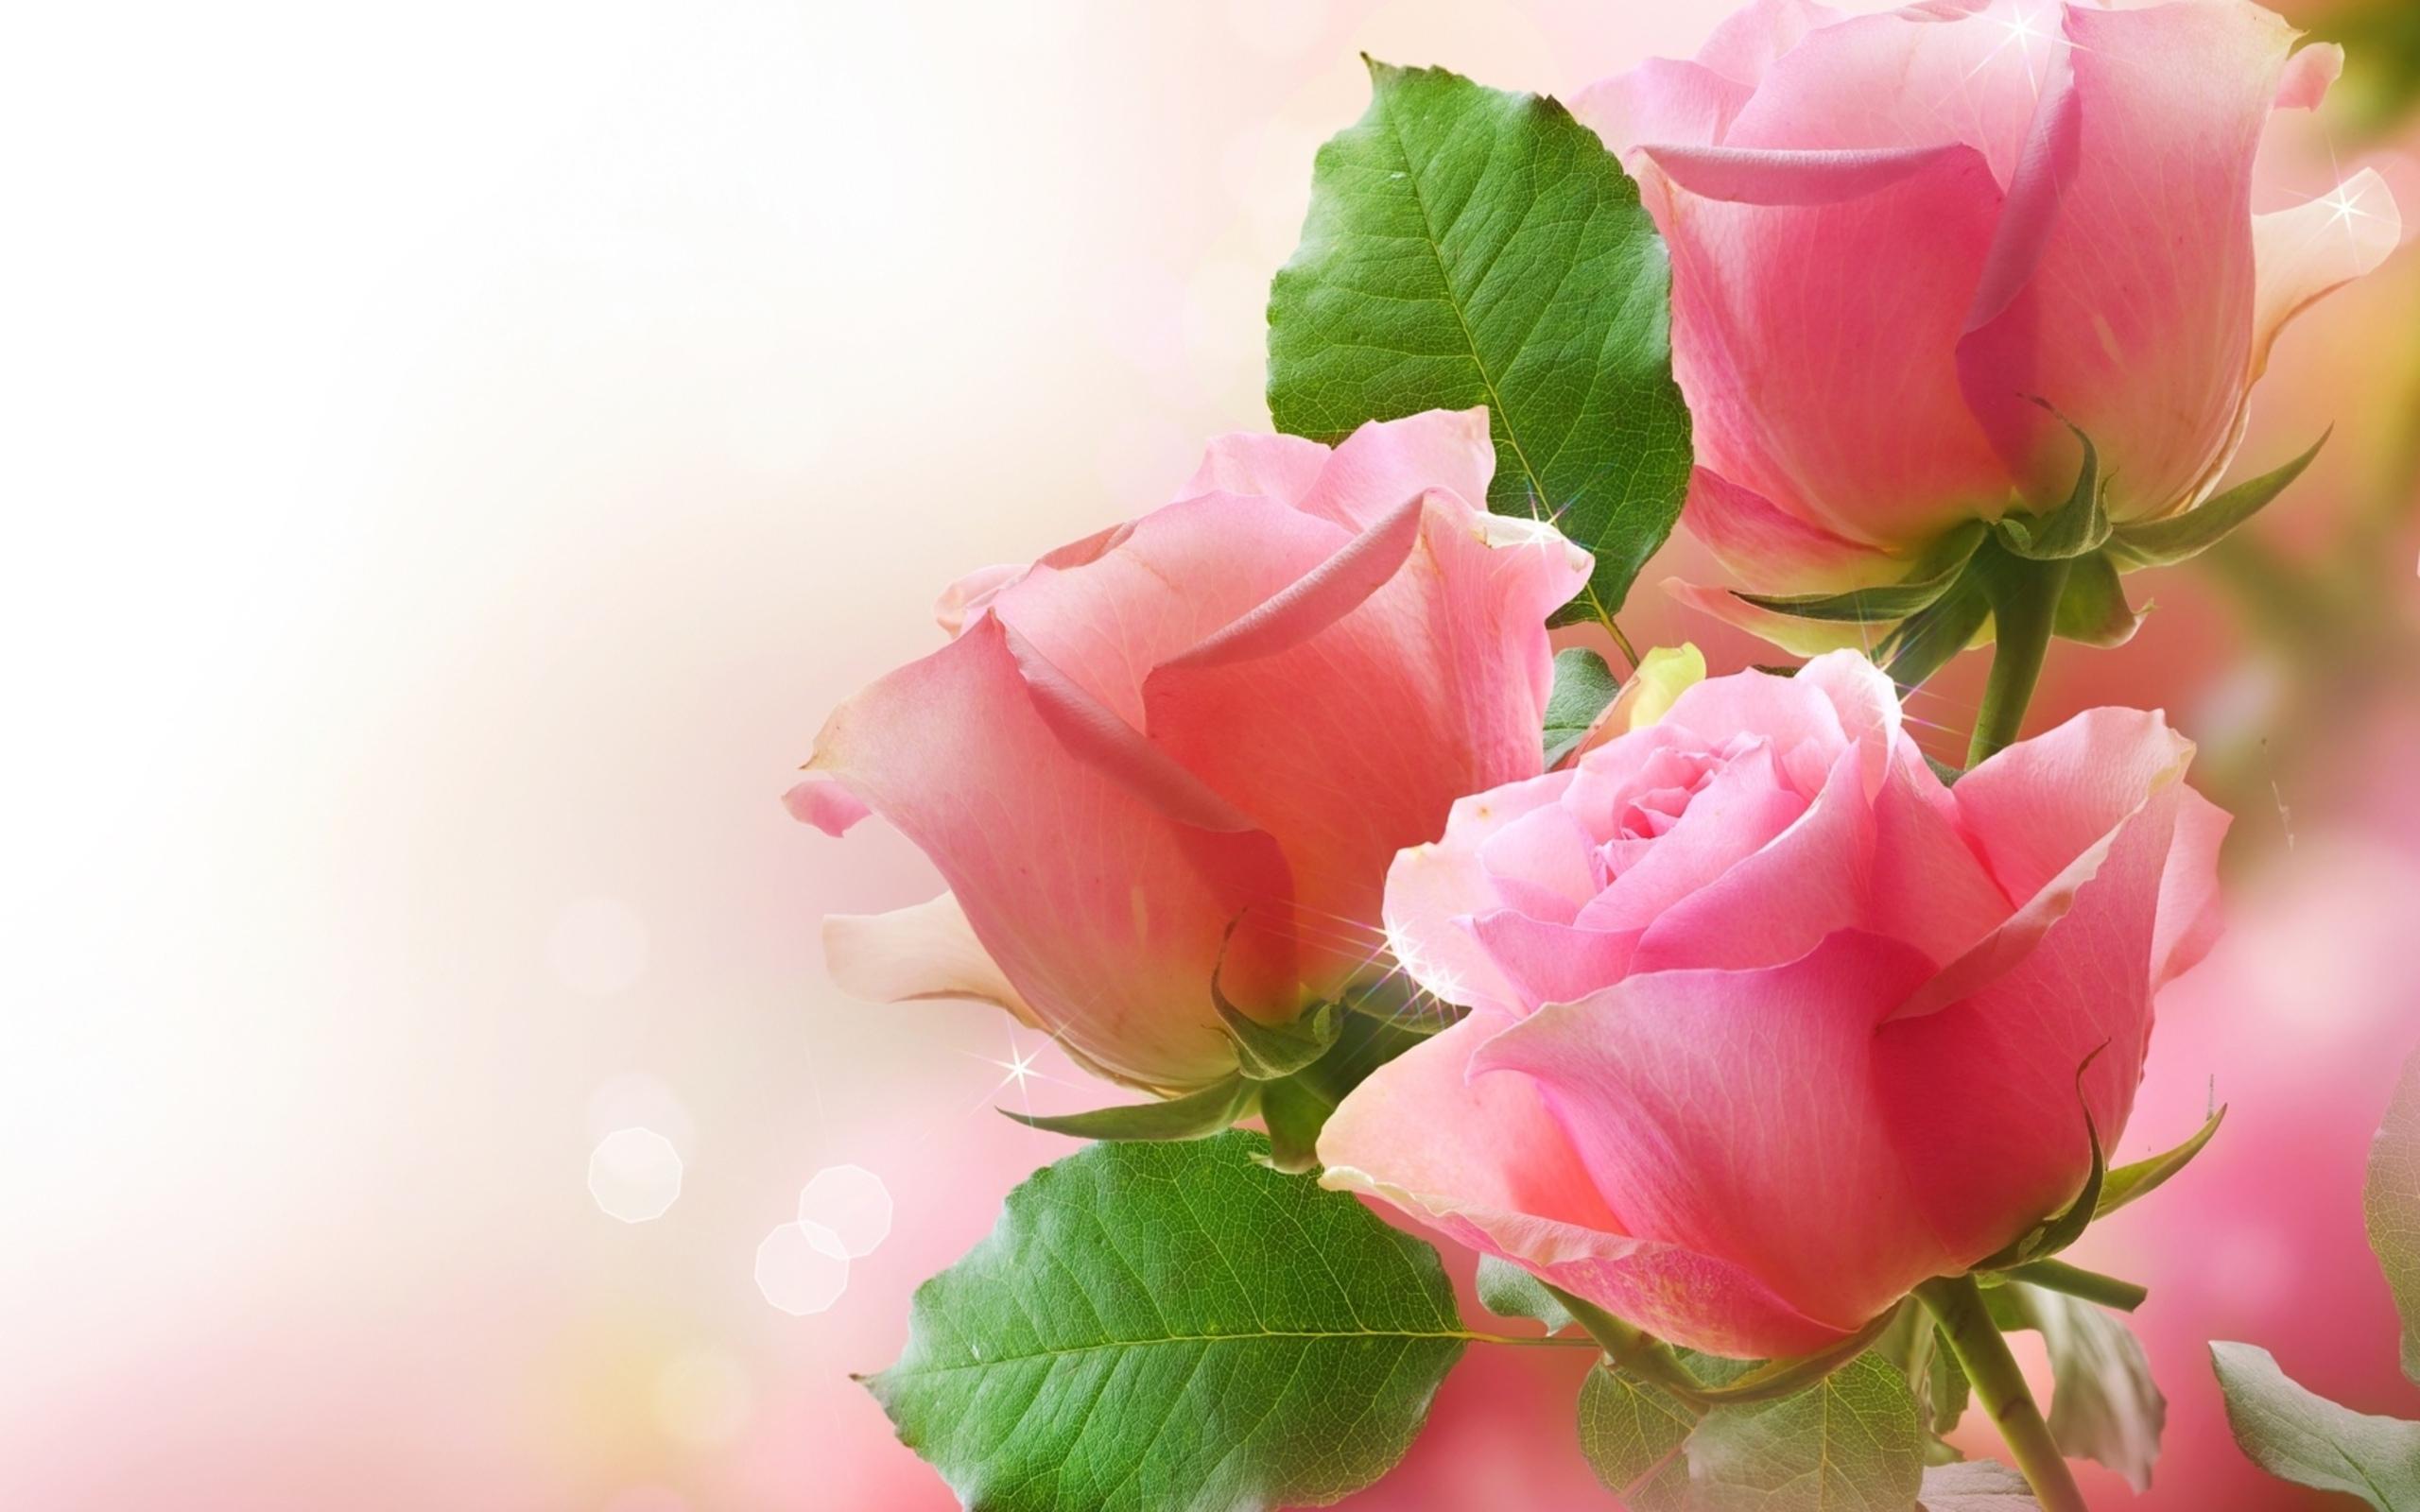 بالصور صور ورد طبيعي , شاهد الرقة الشعرية التى توجد فى الورود 1916 4